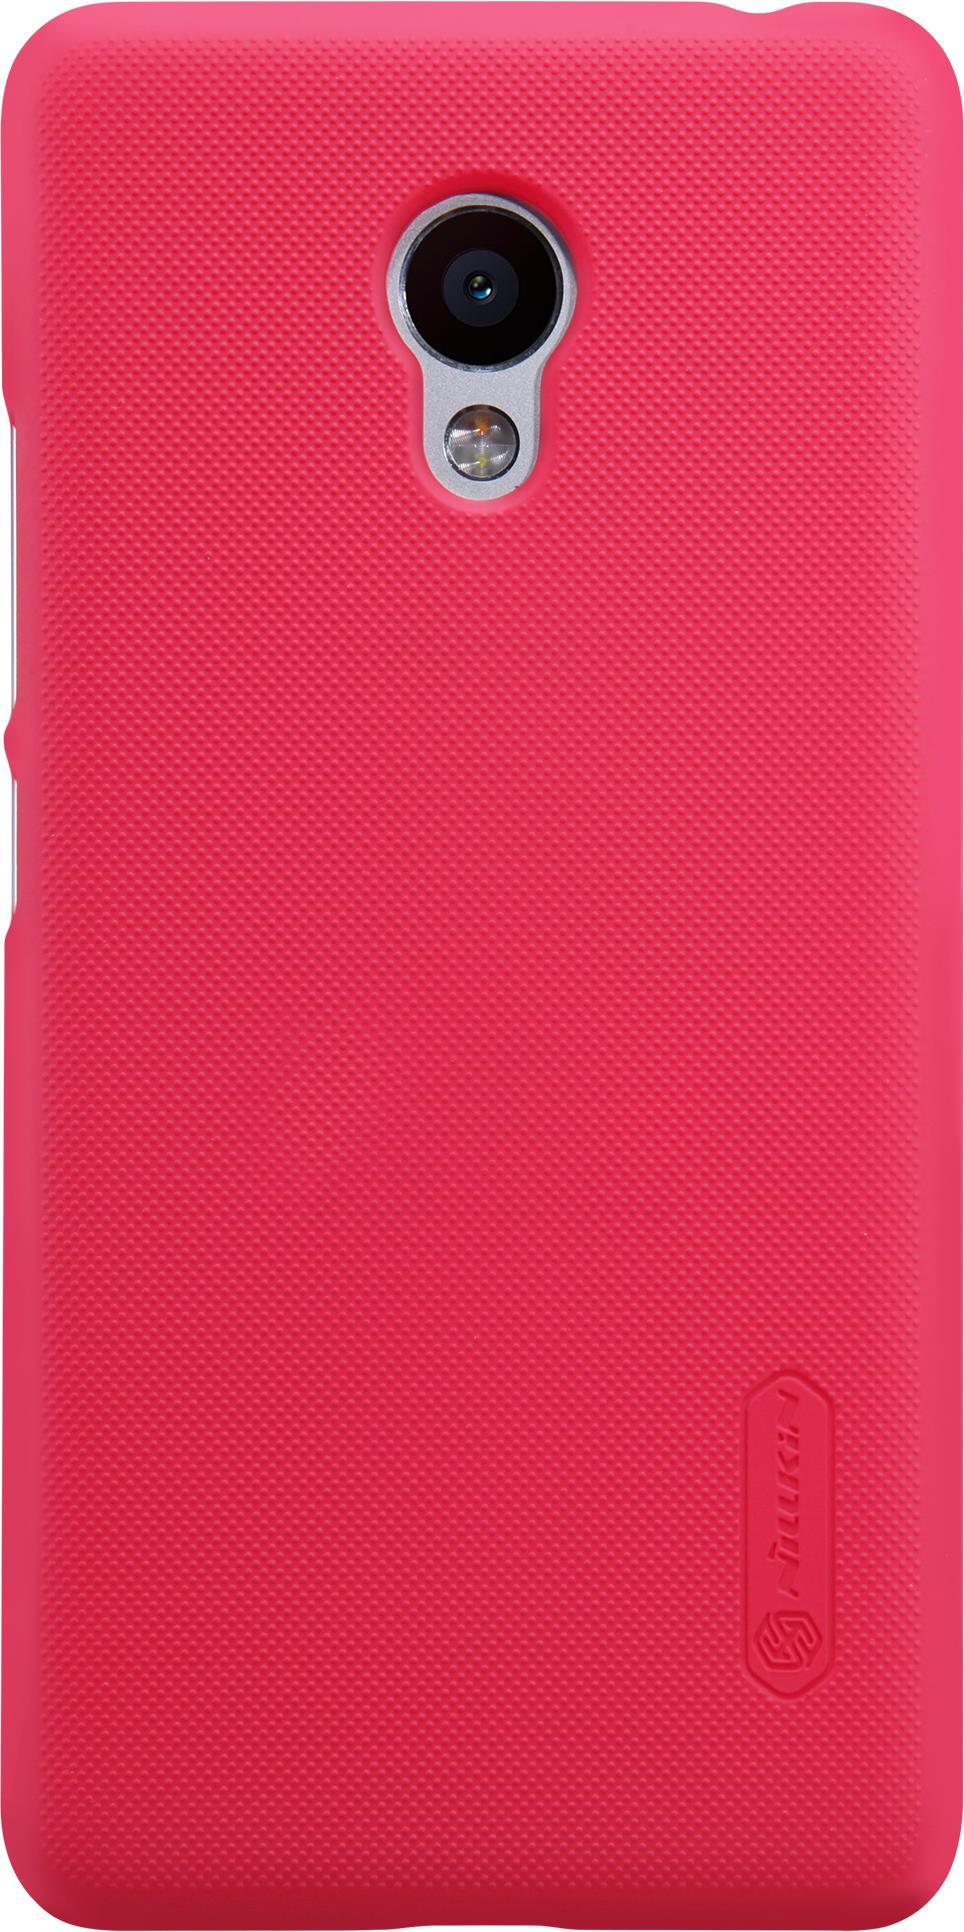 цена на Чехол для сотового телефона Nillkin T-N-MM3S-002, красный